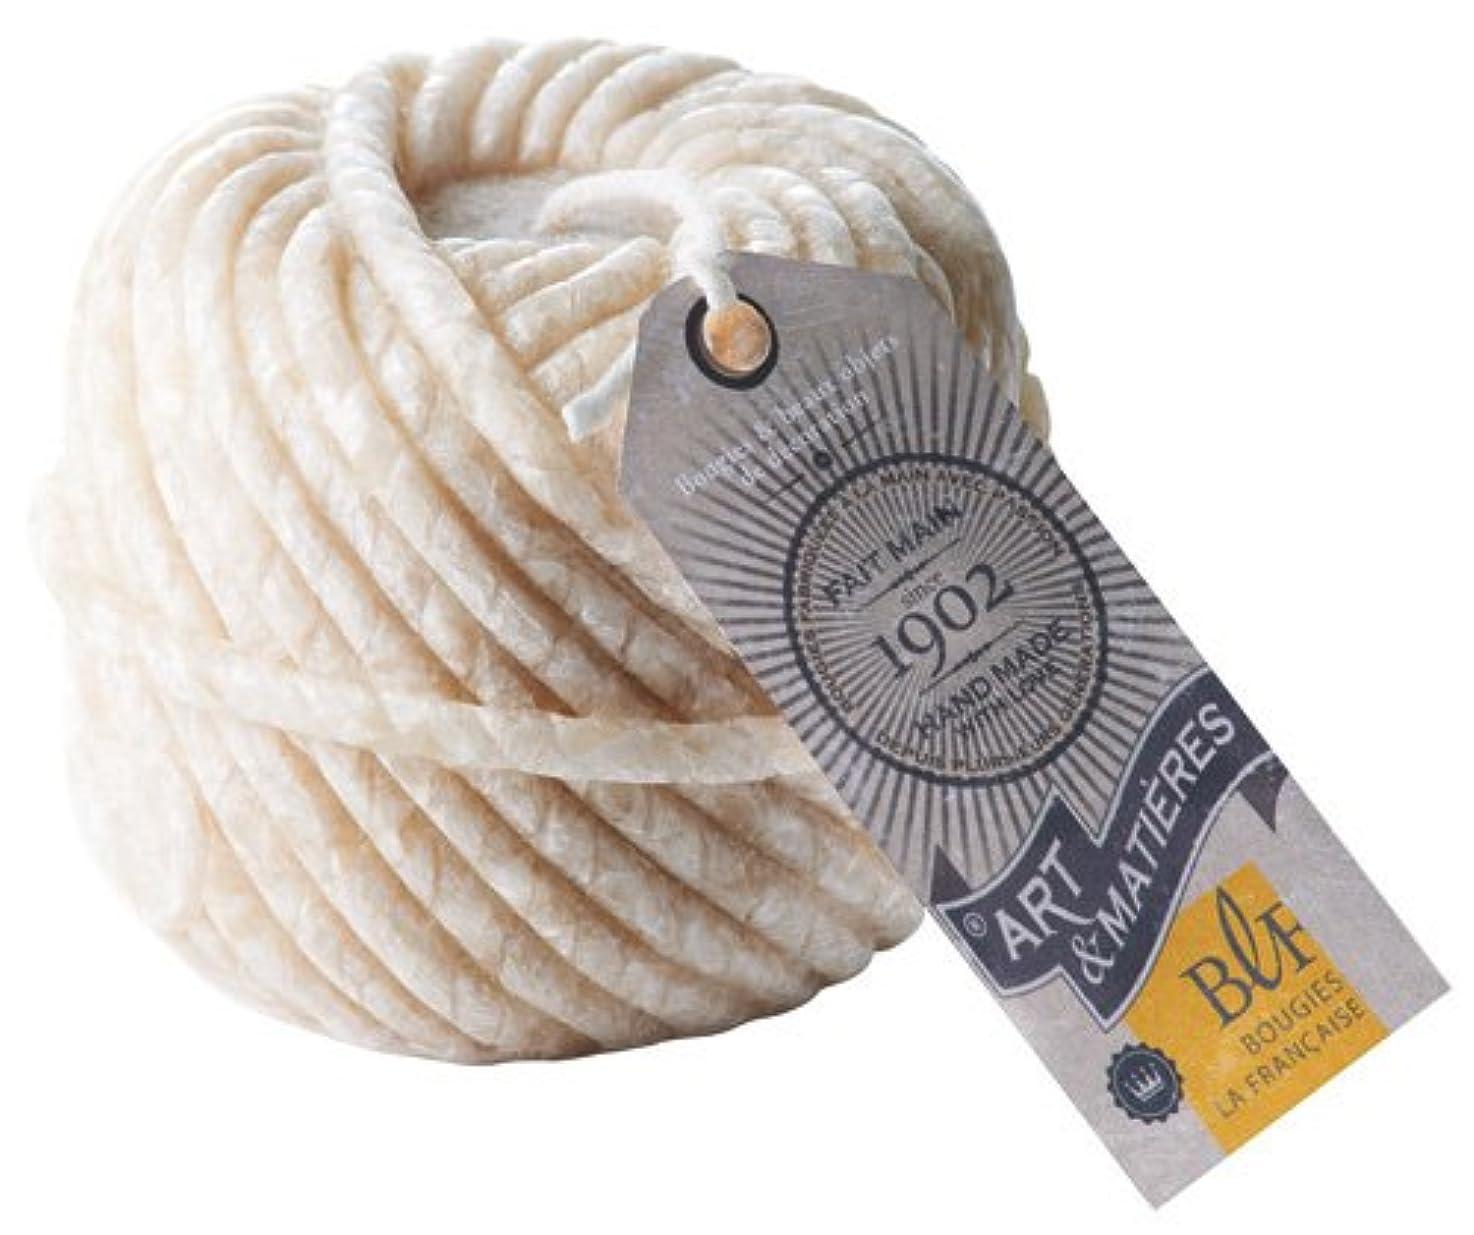 尊厳雨テロリストブジ?ラ?フランセーズ 本物の毛糸玉のような ウールボールキャンドル ホワイト